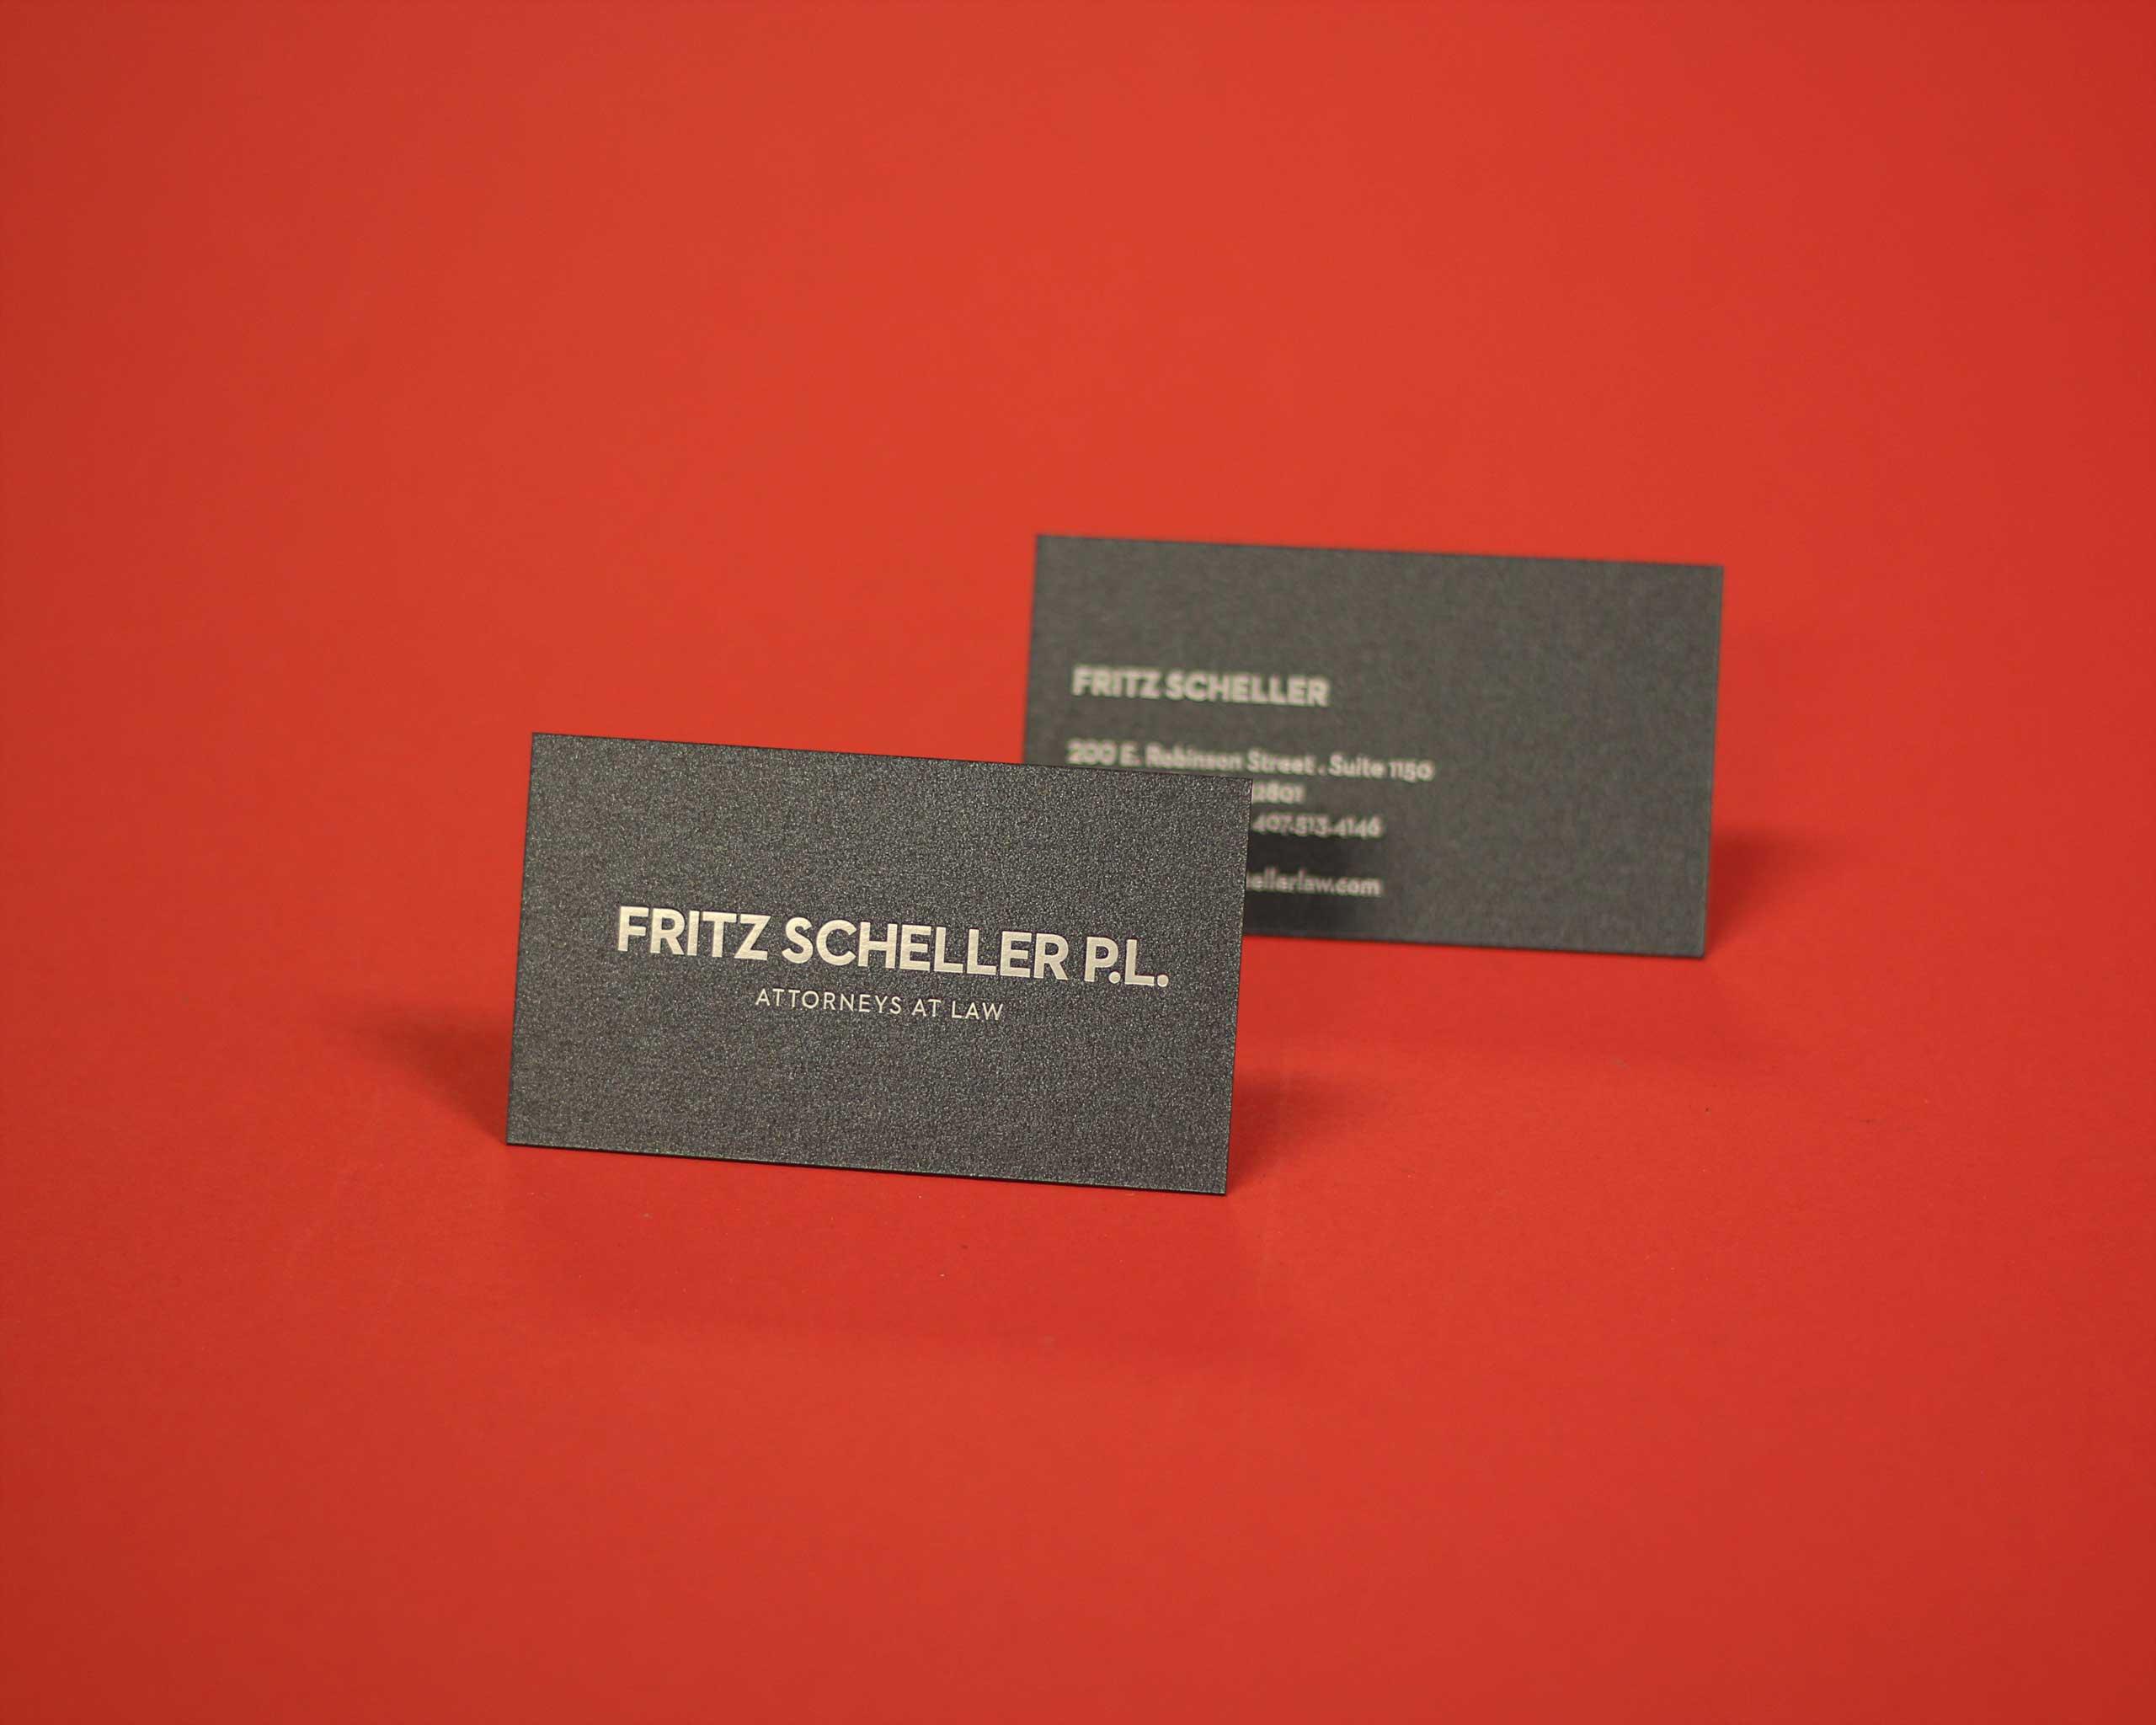 Fritz Scheller screen printed business cards